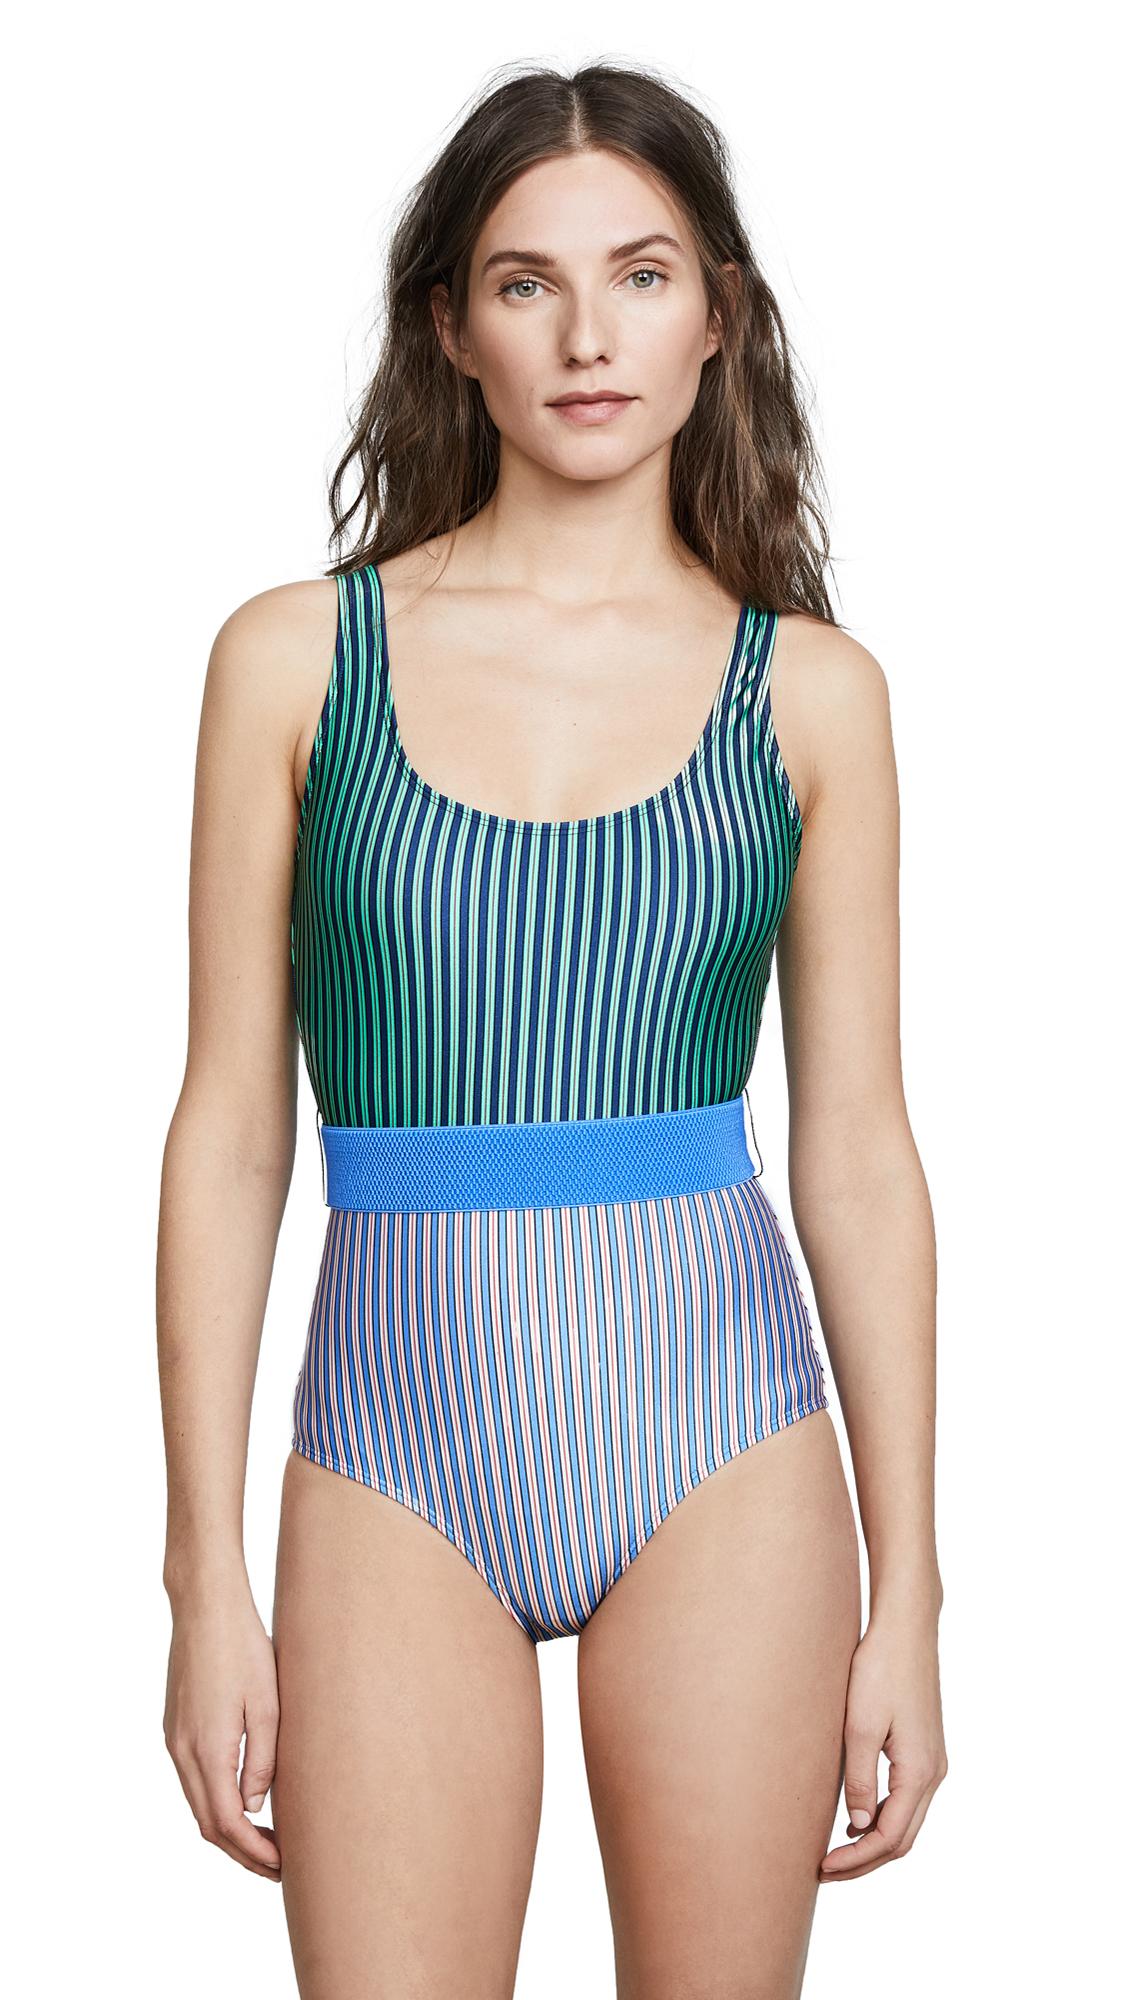 Diane von Furstenberg Tie Front Classic One Piece Swimsuit